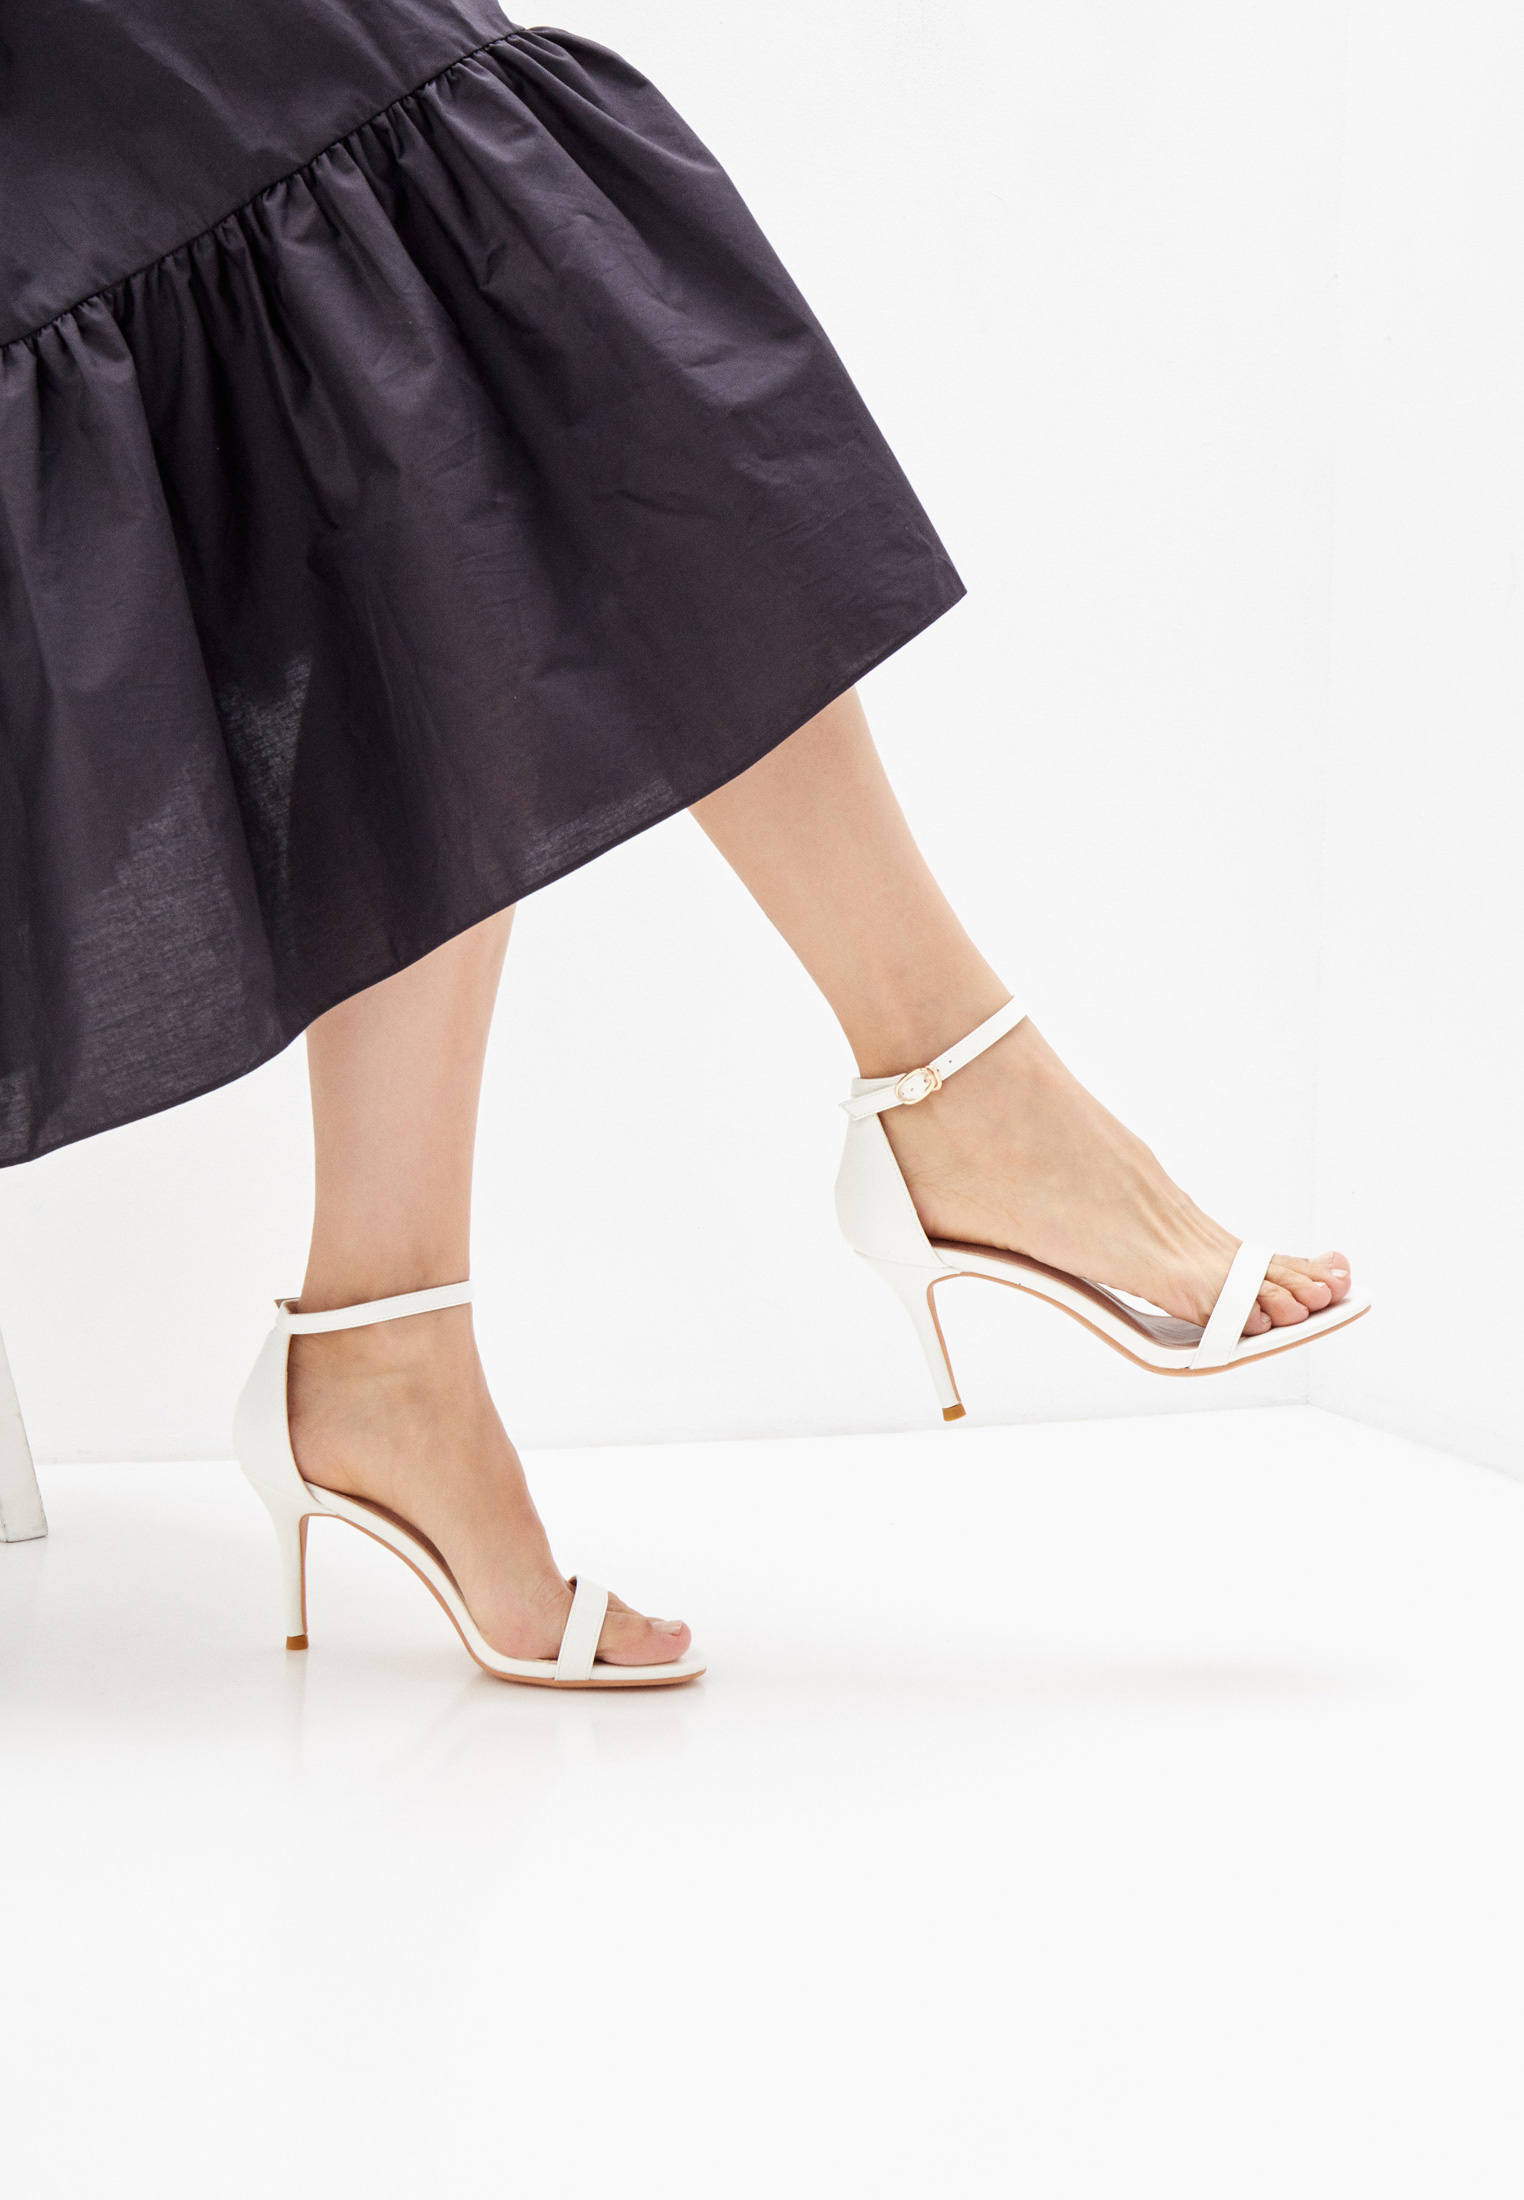 Женские босоножки Diora.rim DR-21-2310: изображение 6